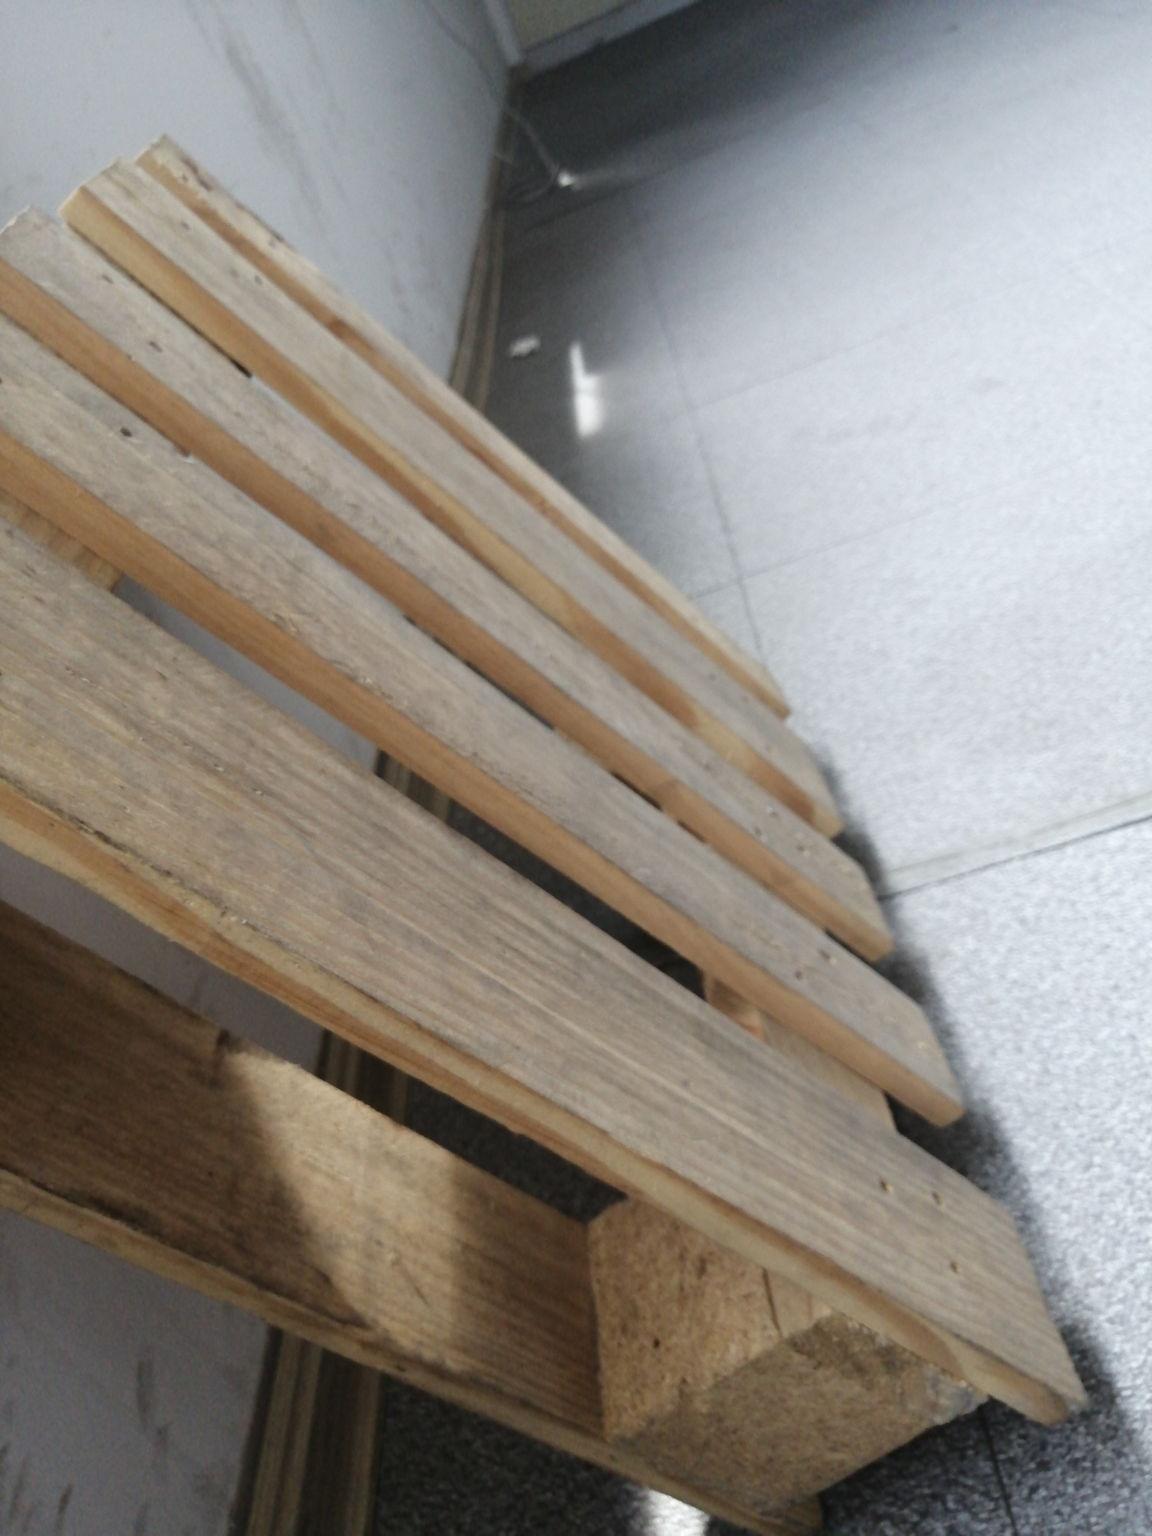 天津建筑胶合板供应厂家大全福尔达不锈钢板、邓禄普钢